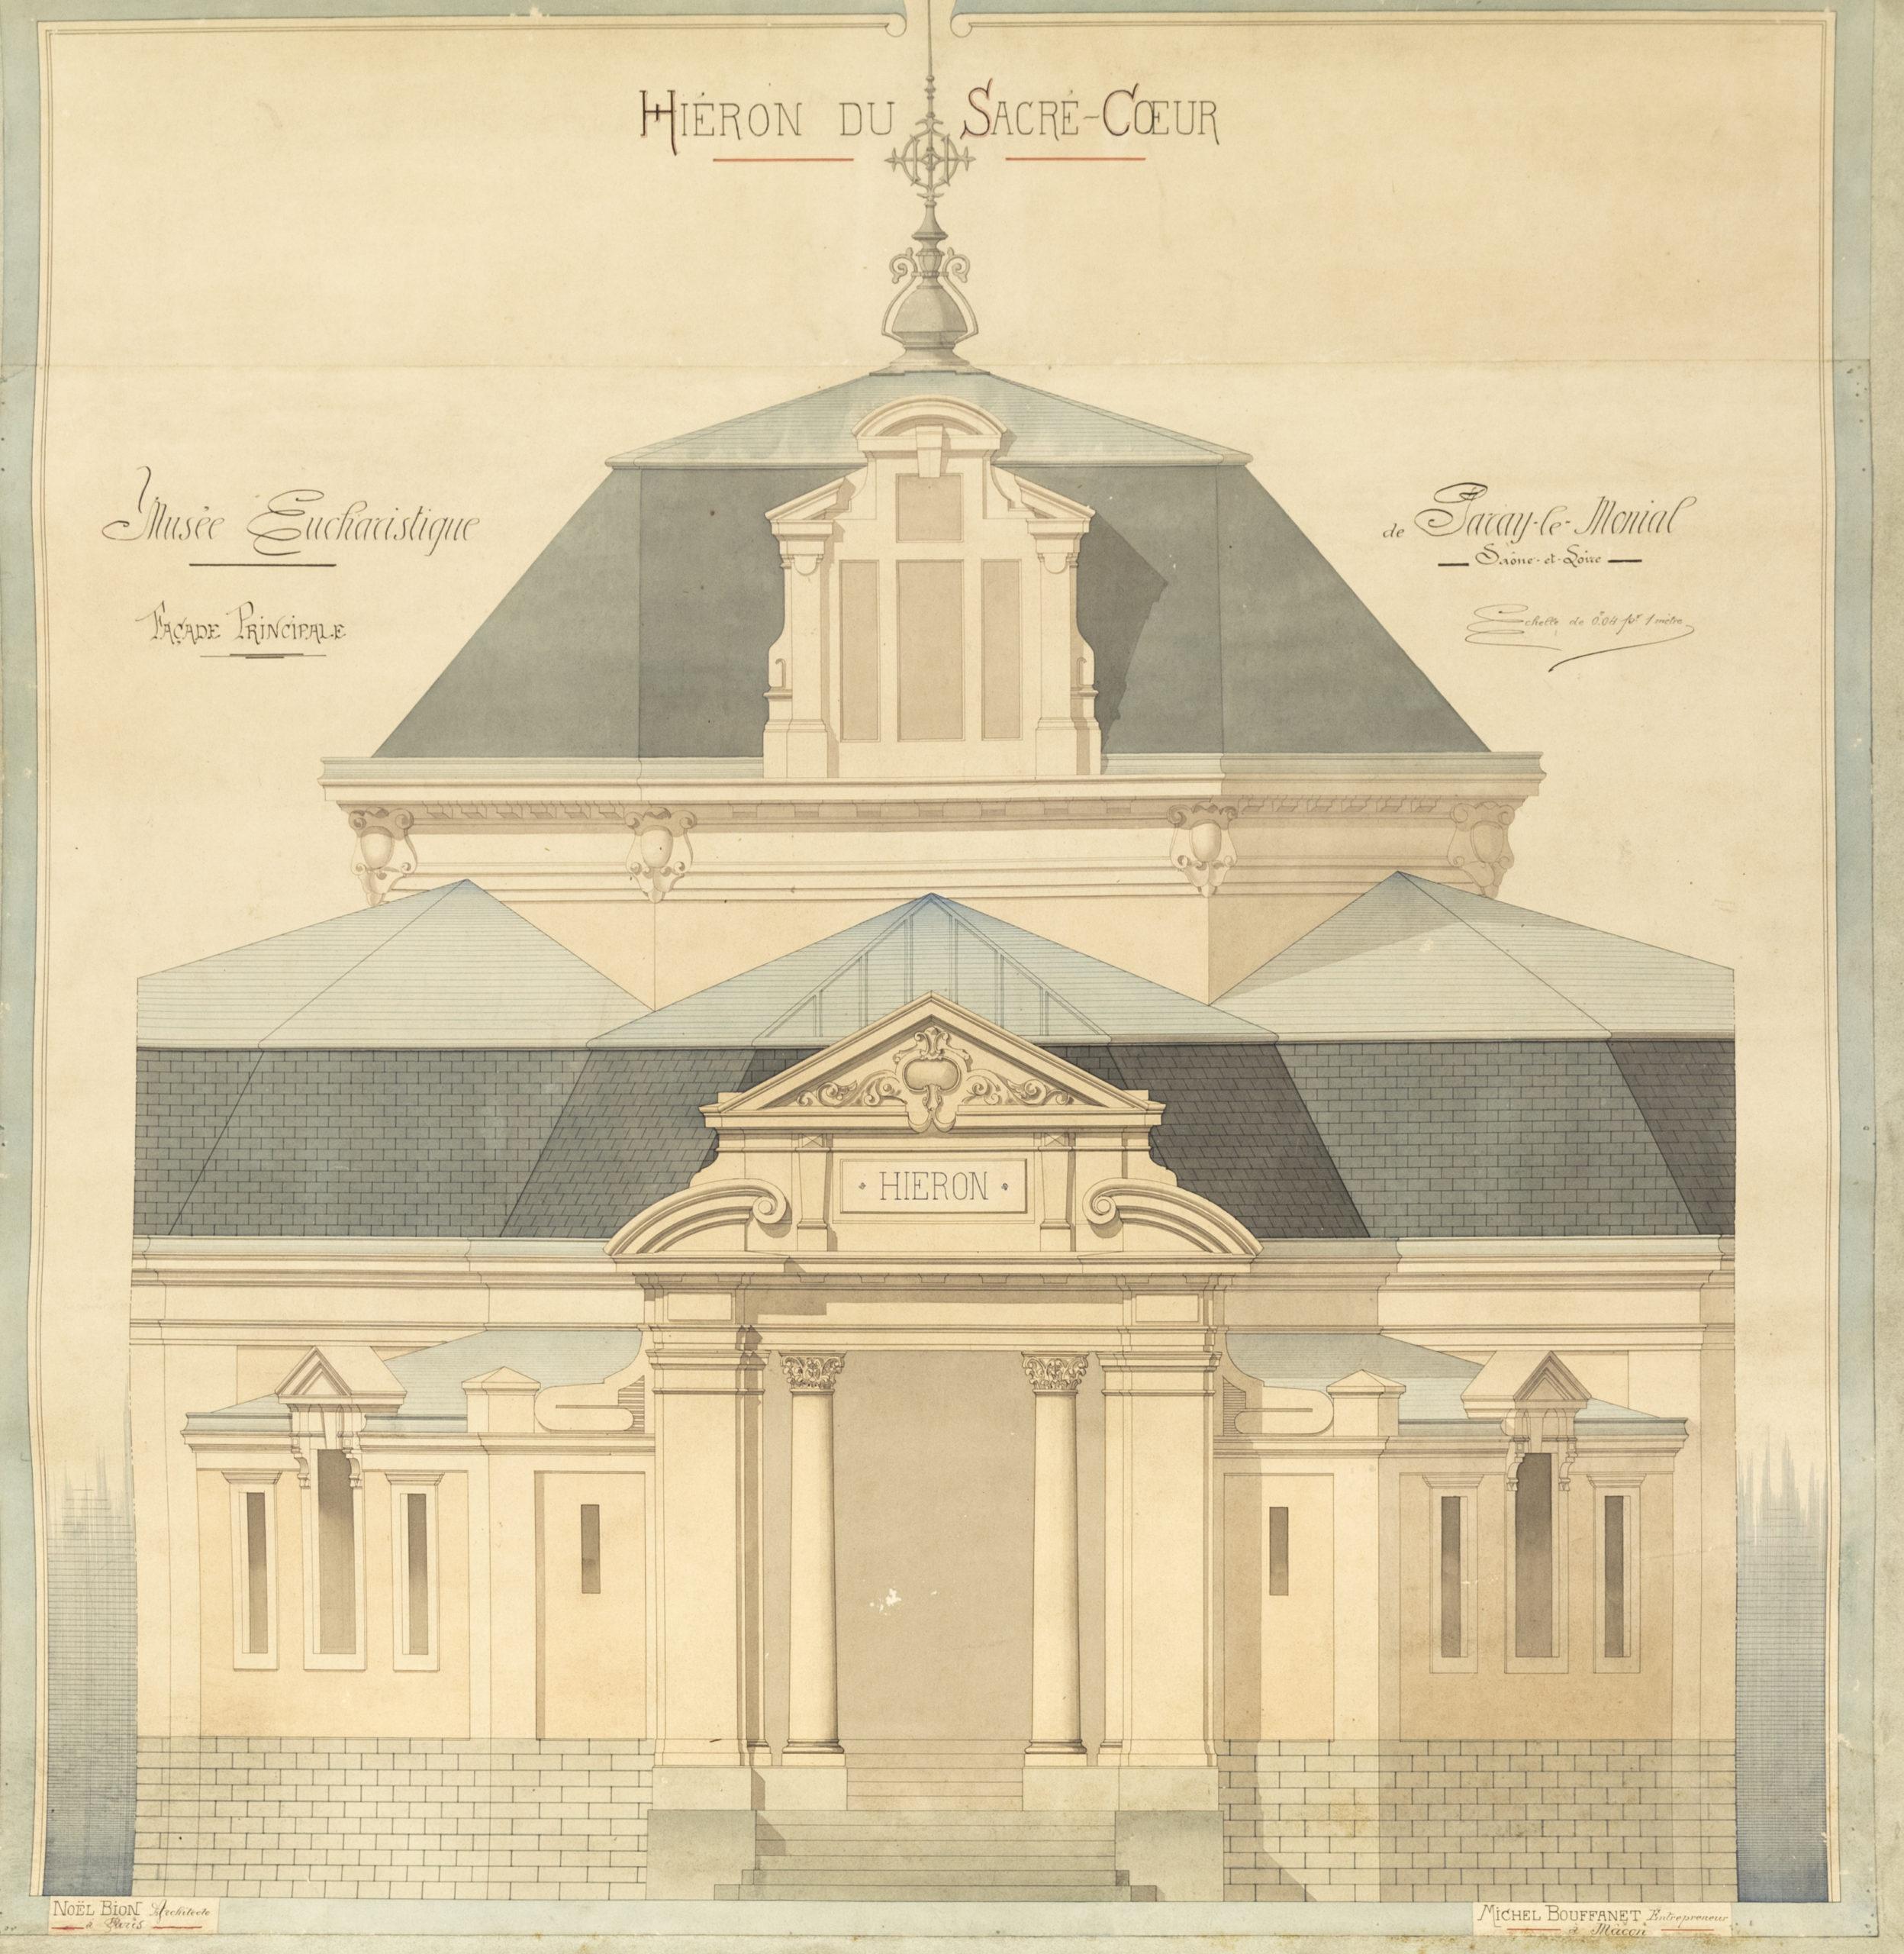 Le Hiéron, plan architectural de Noël Bion, vers 1889